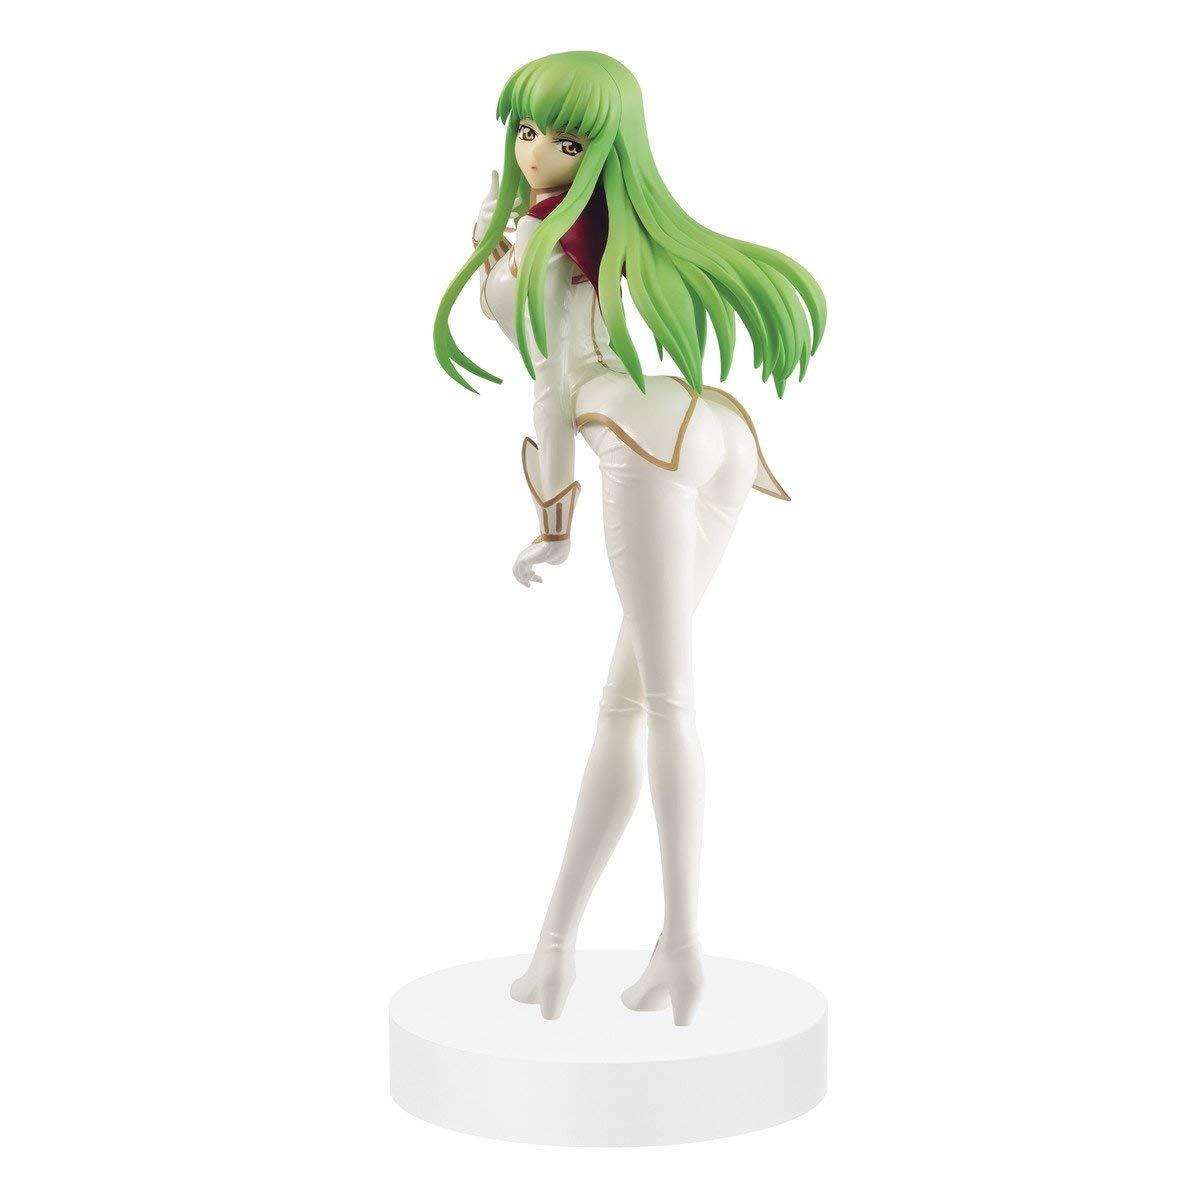 Figurine C.C. – Code Geass – Hangyaku no Lelouch